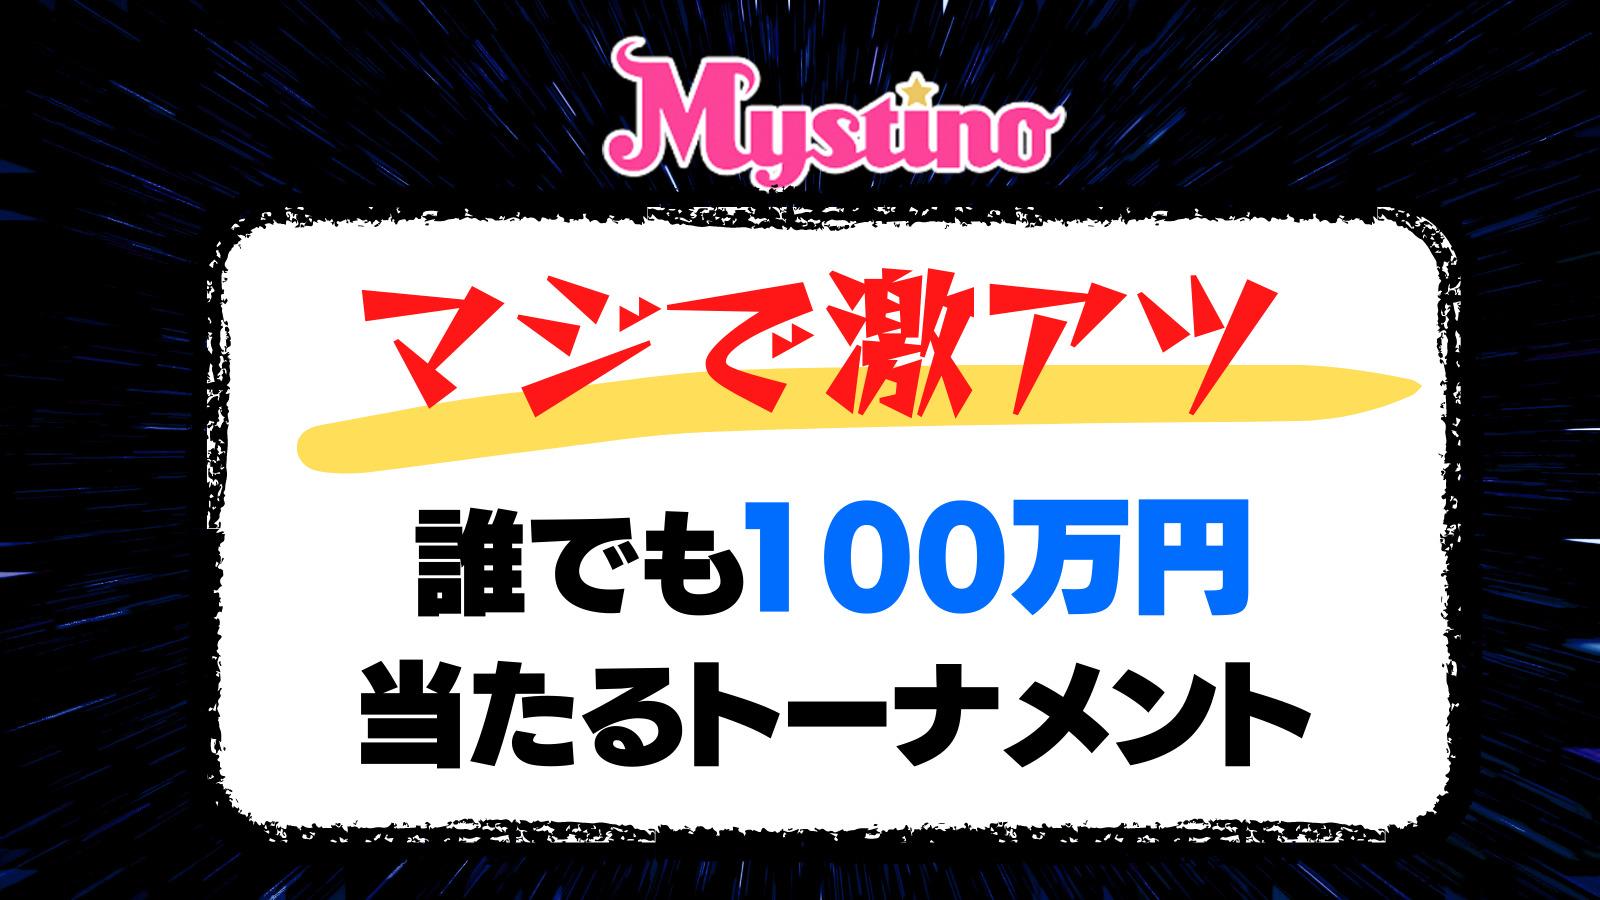 【神企画】誰でも100万円もらえるチャンスあり!(ミスティーノ)